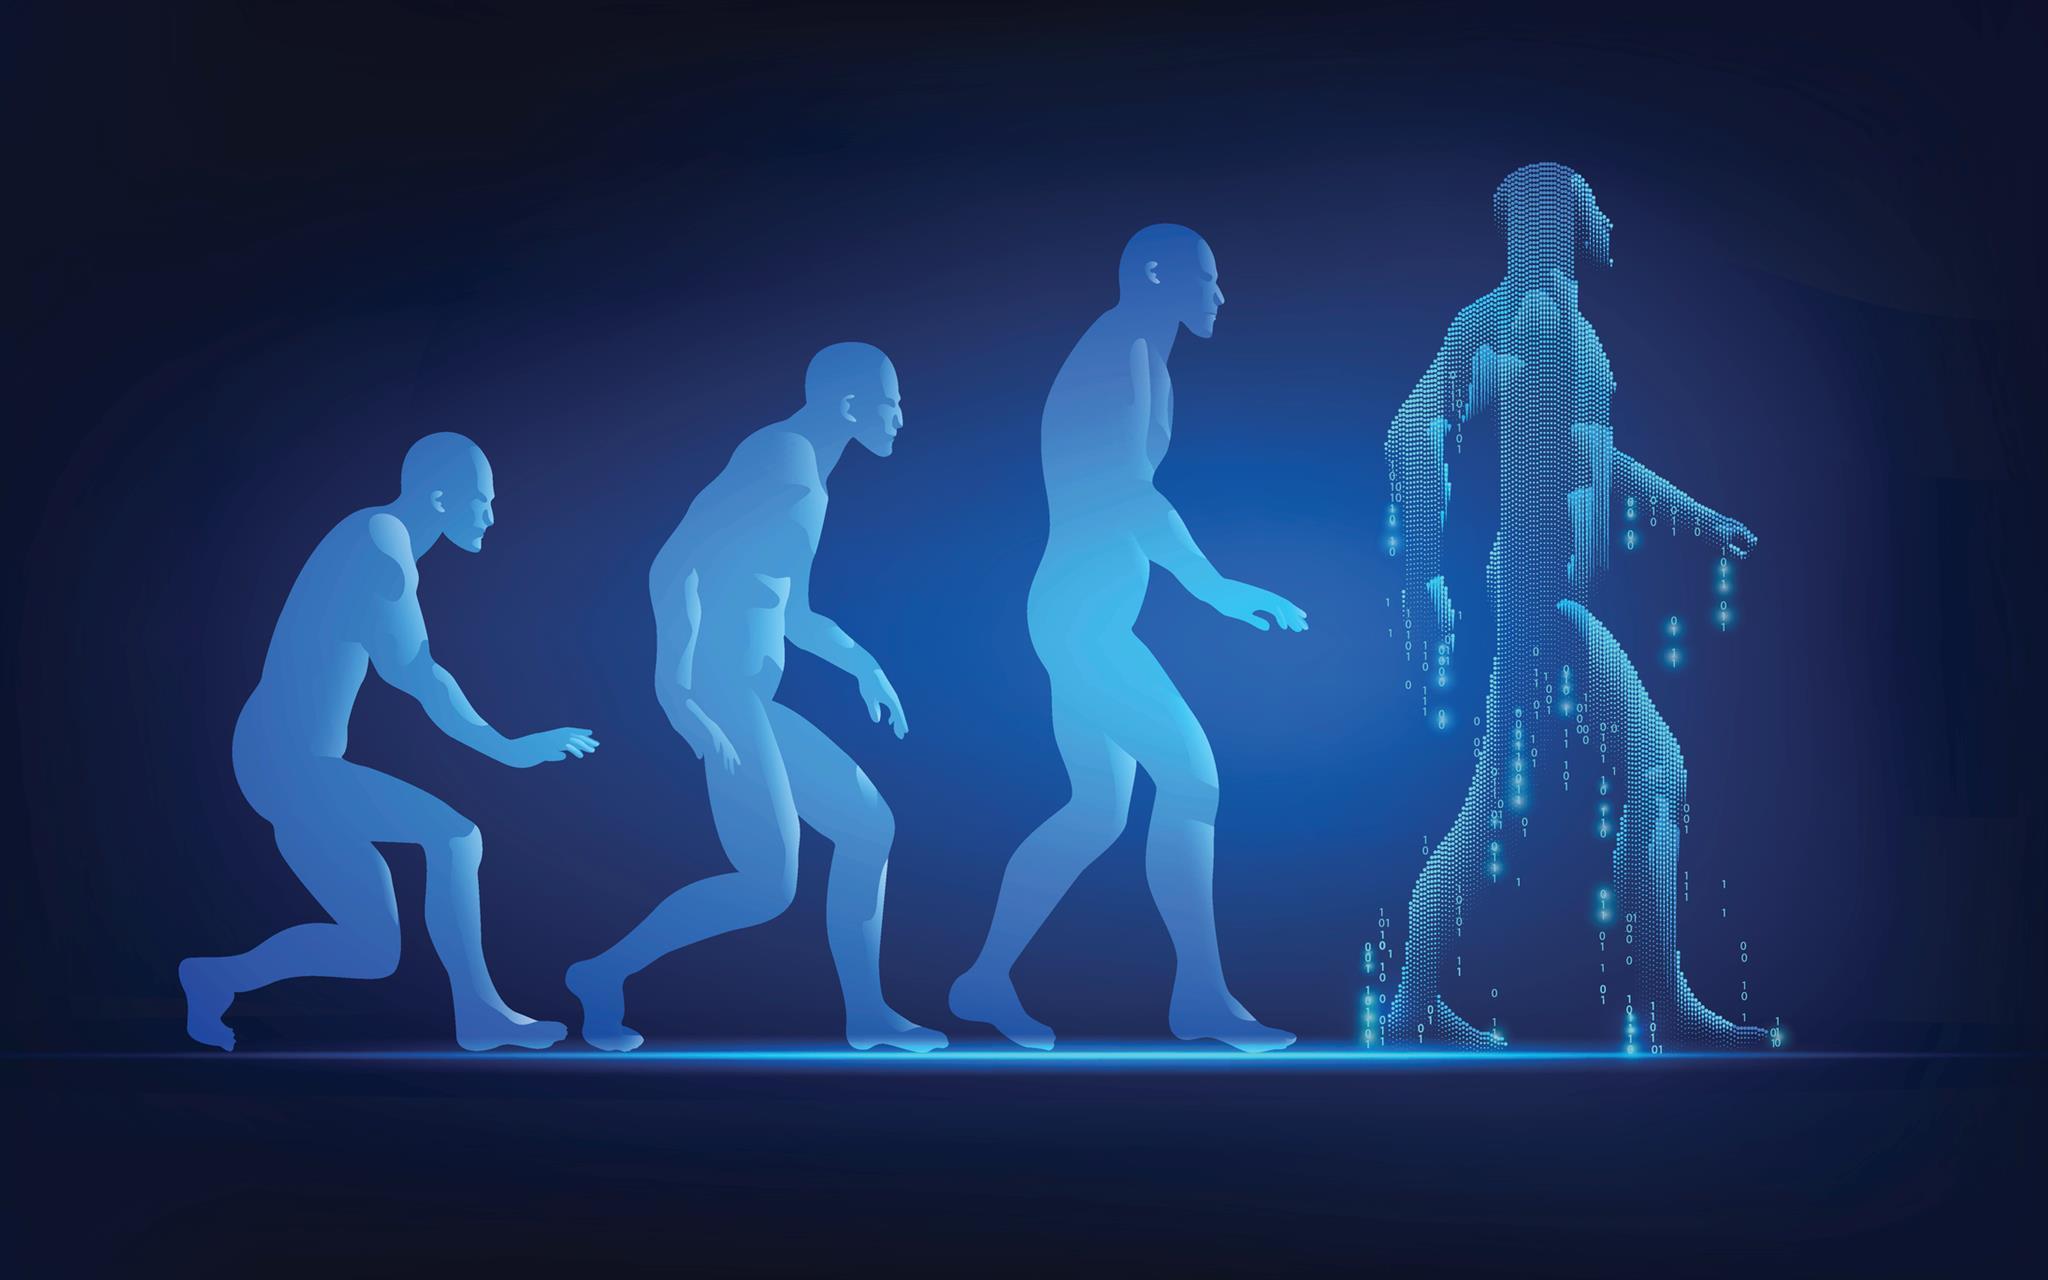 Tu kit de Relaciones Públicas para enfrentar el Darwinismo digital